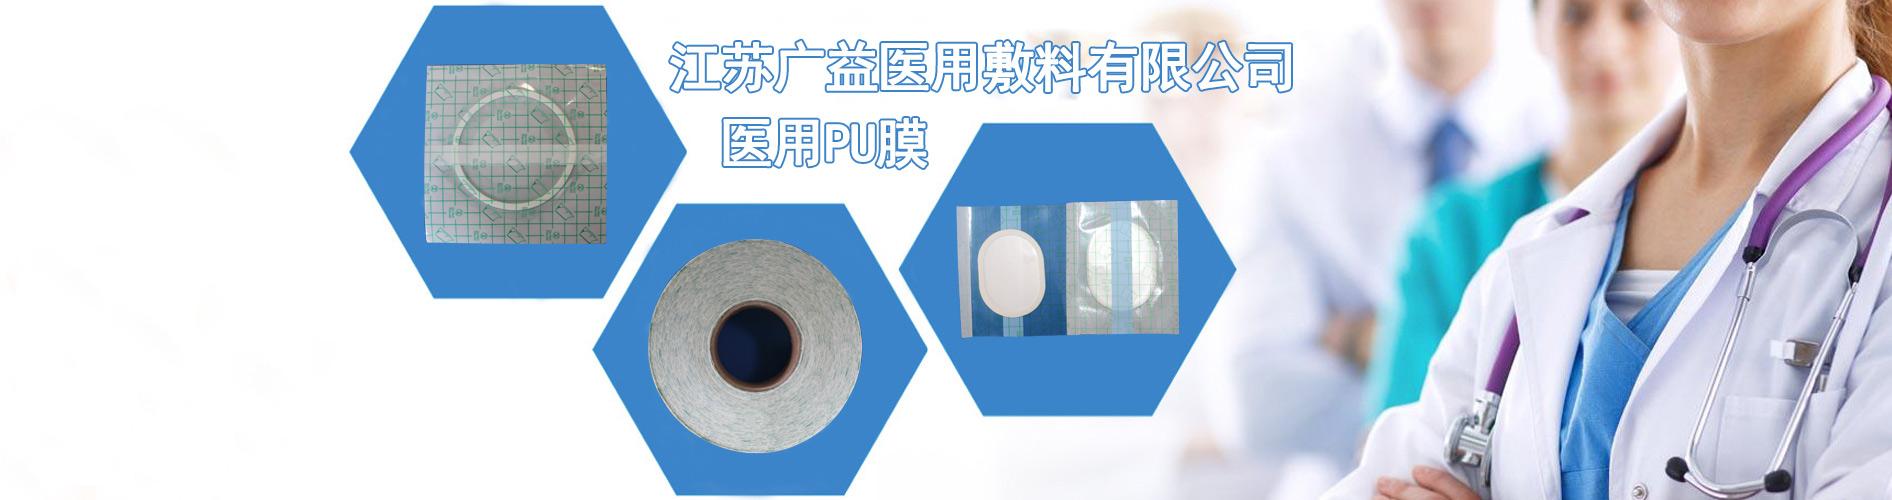 PU透明胶带